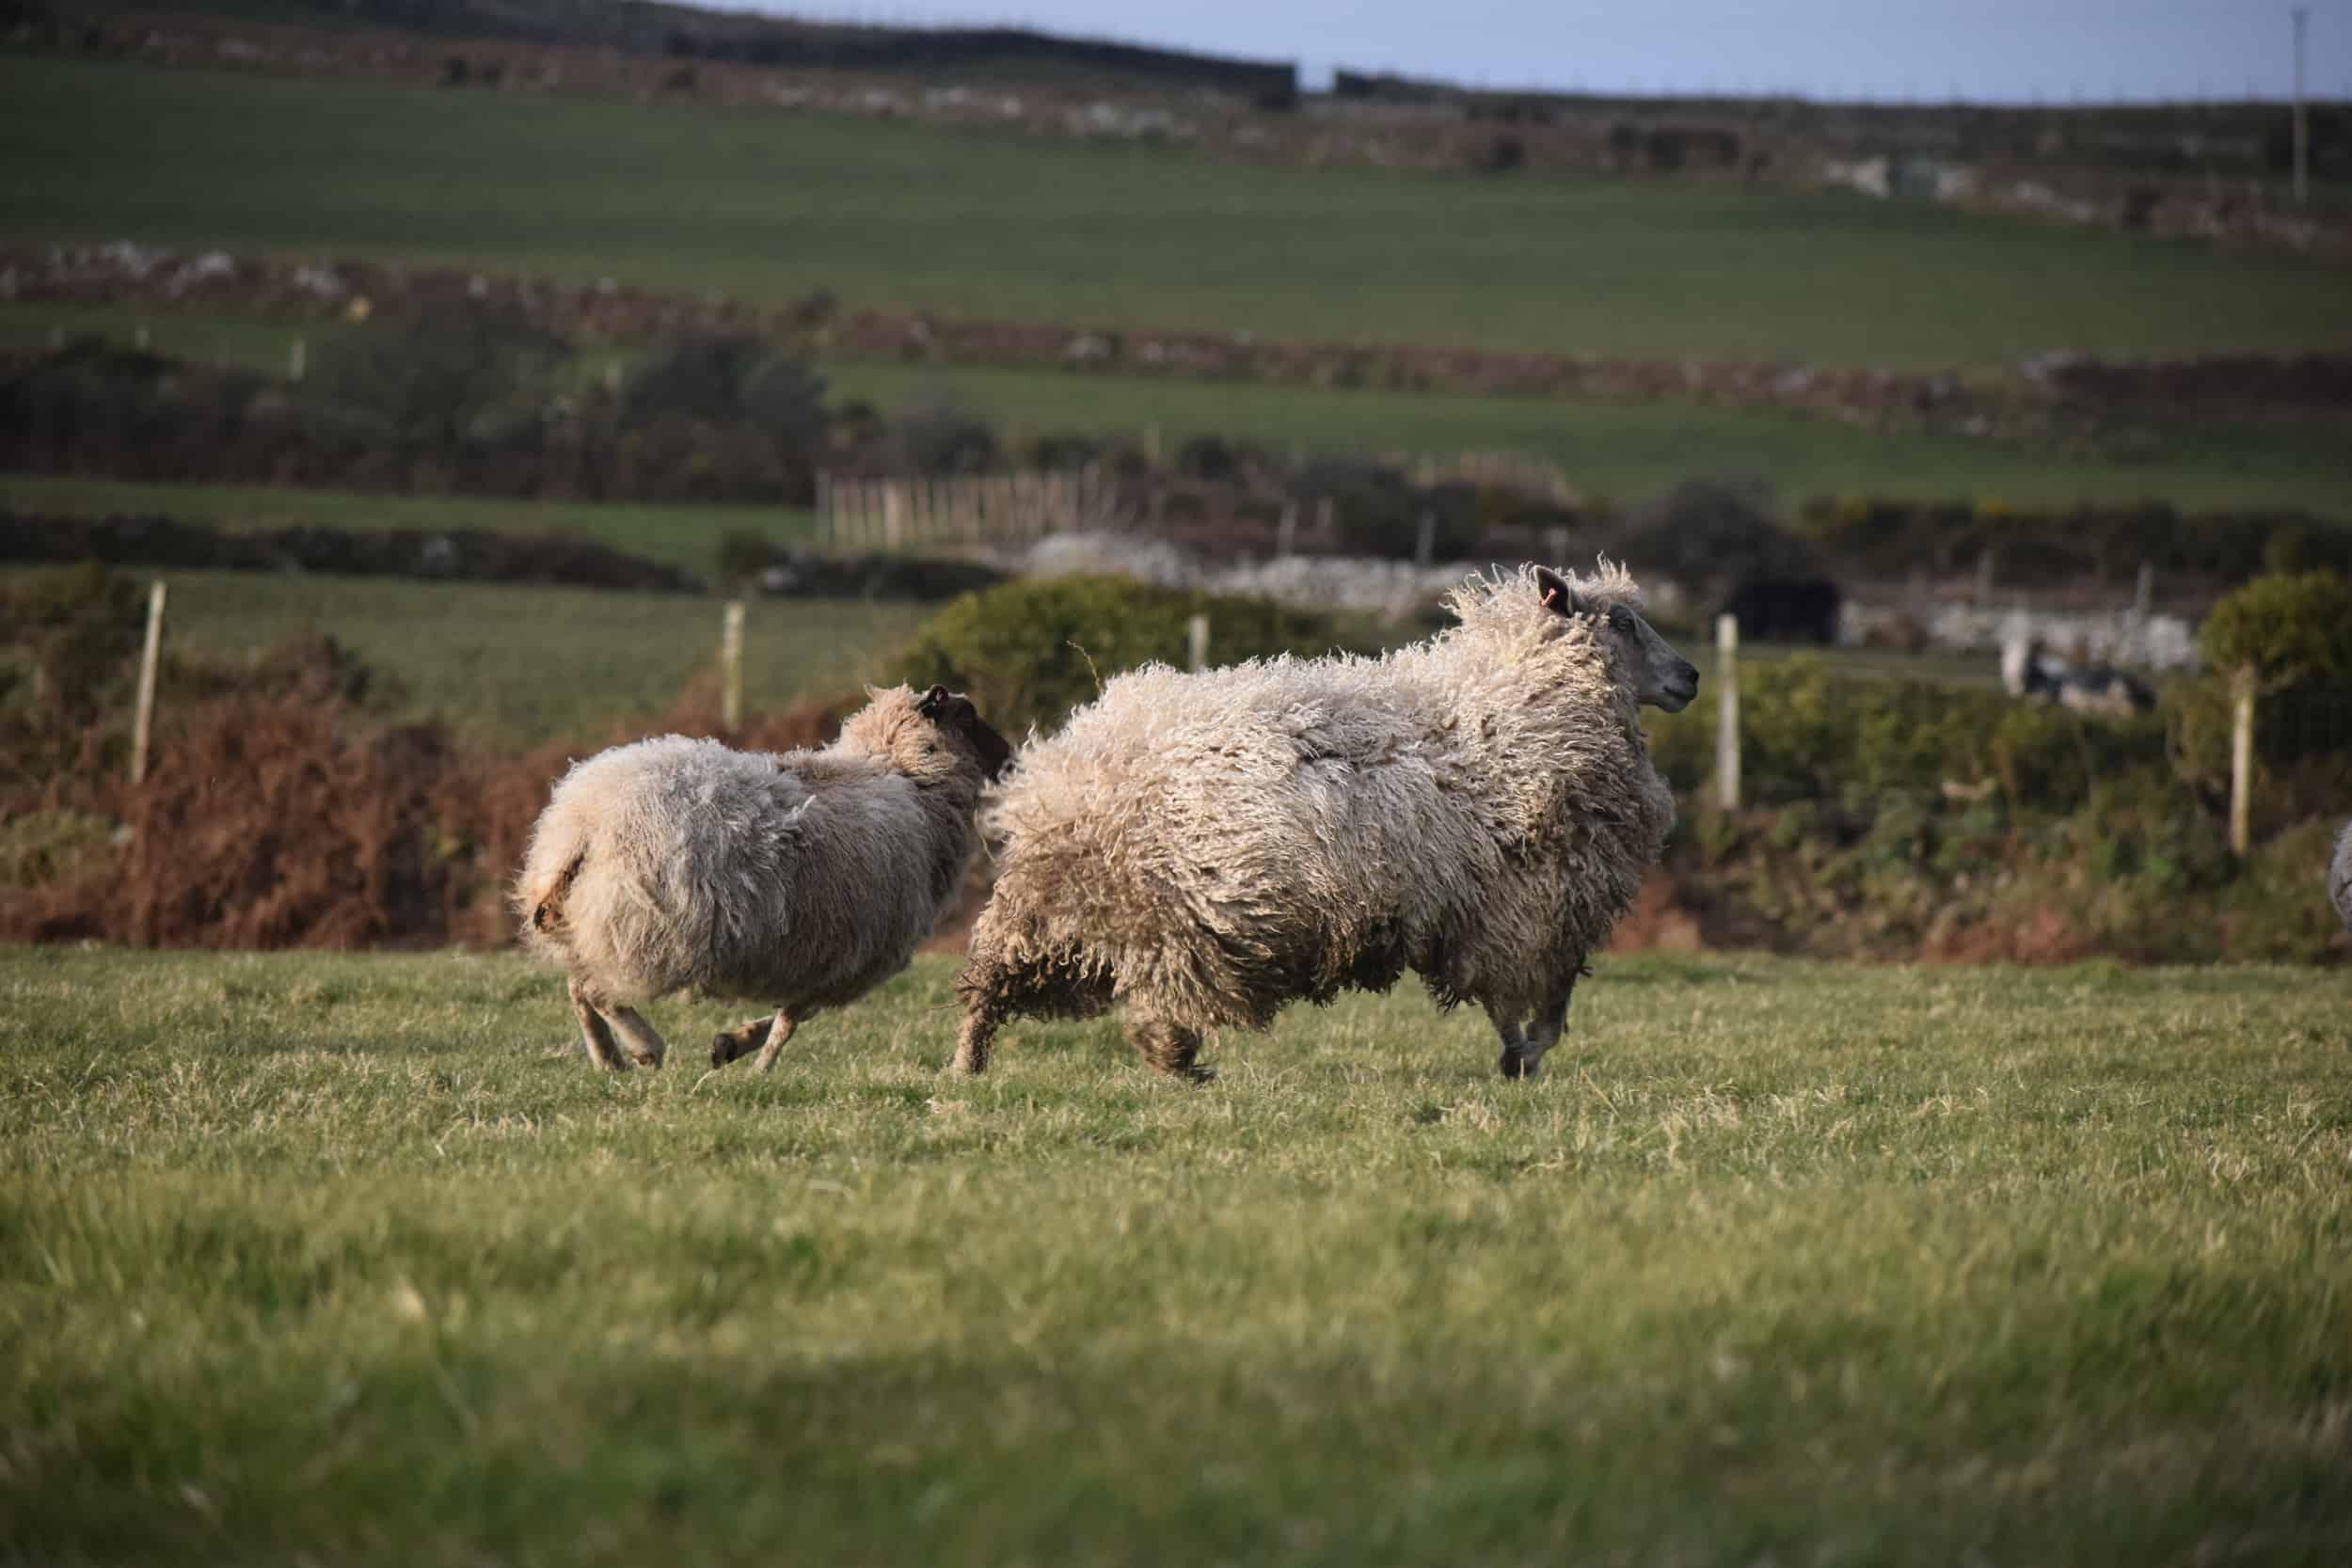 hermione texel x wensleydale patchwork sheep wool 3